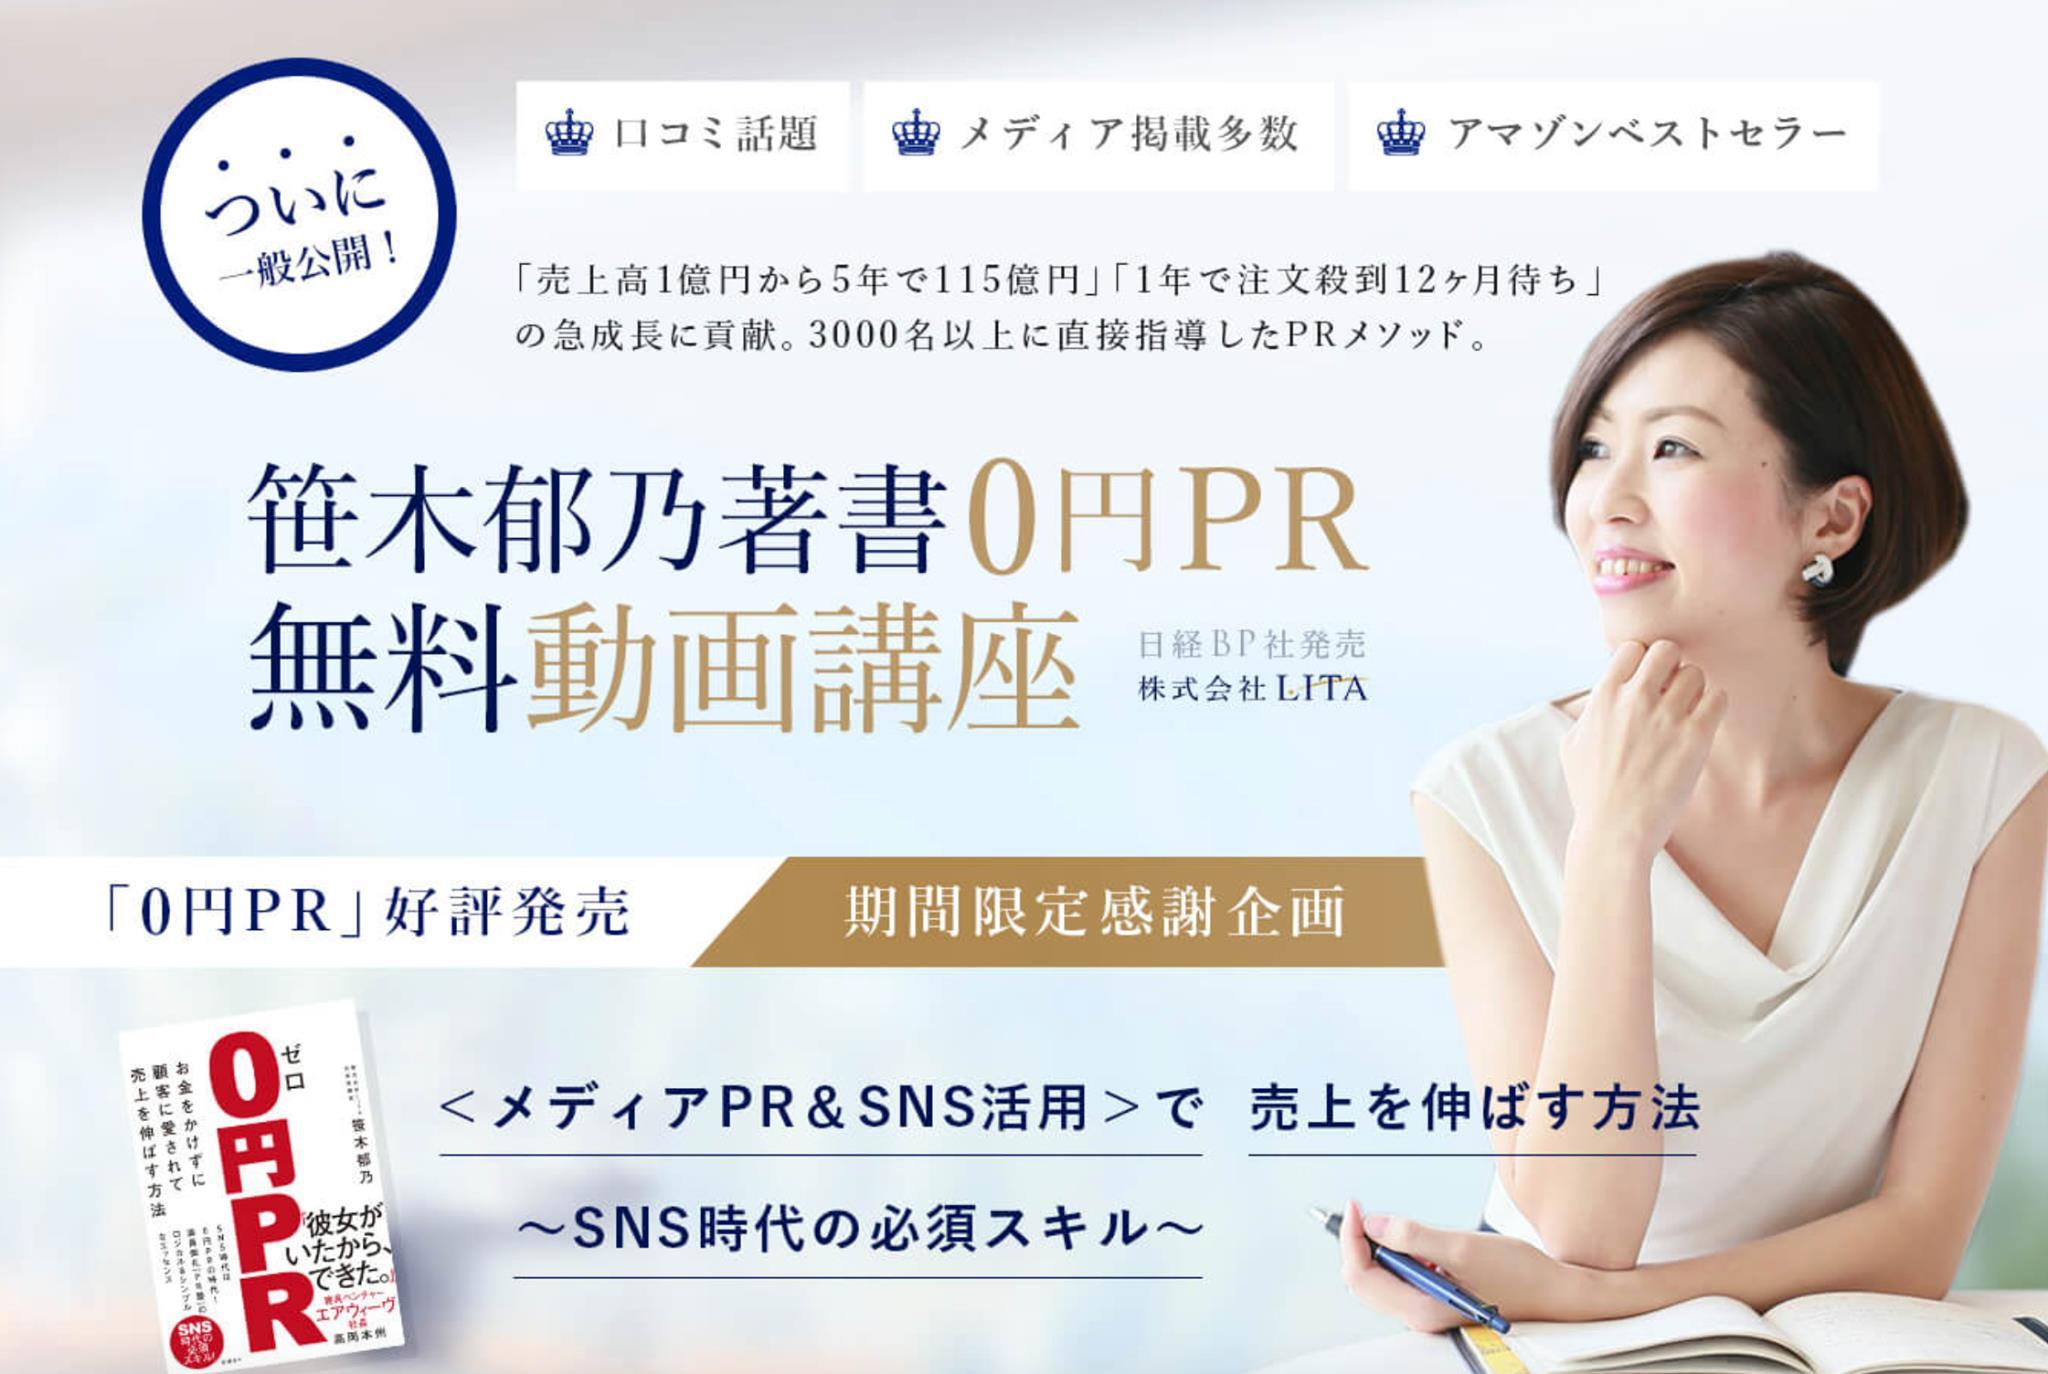 0円PR無料動画講座